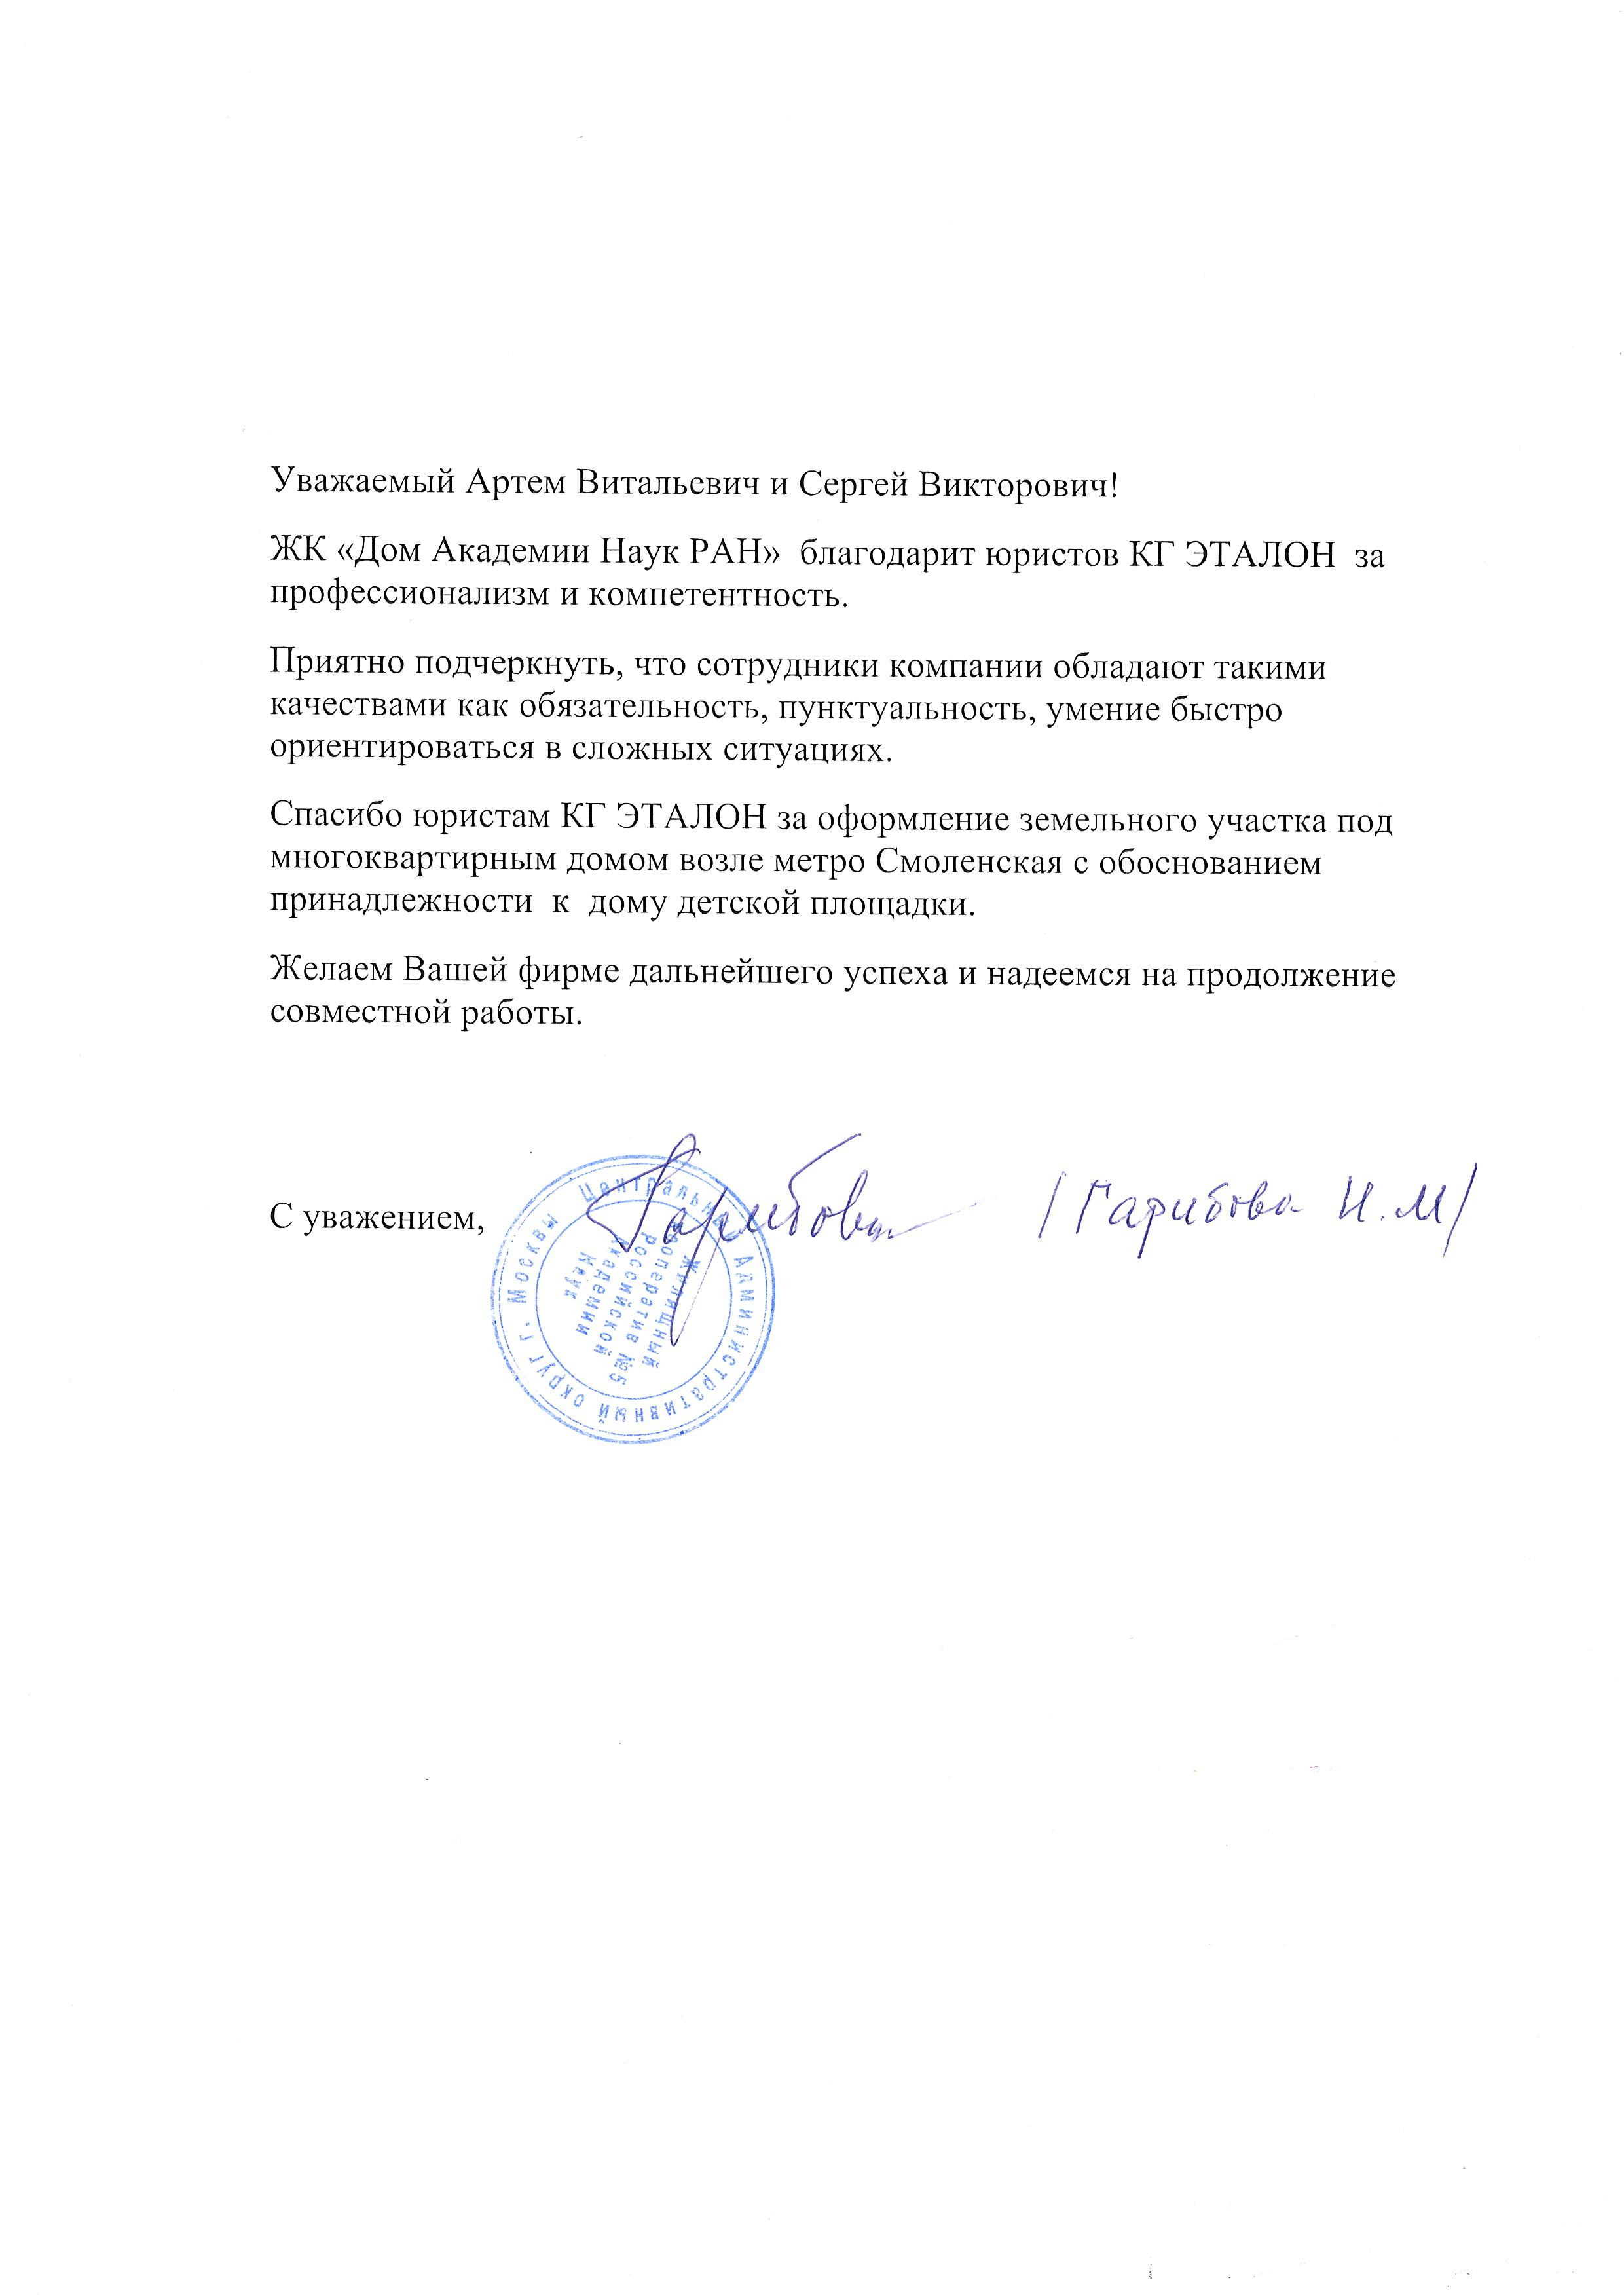 ЖК «Дом Академии Наук РАН» – отзыв